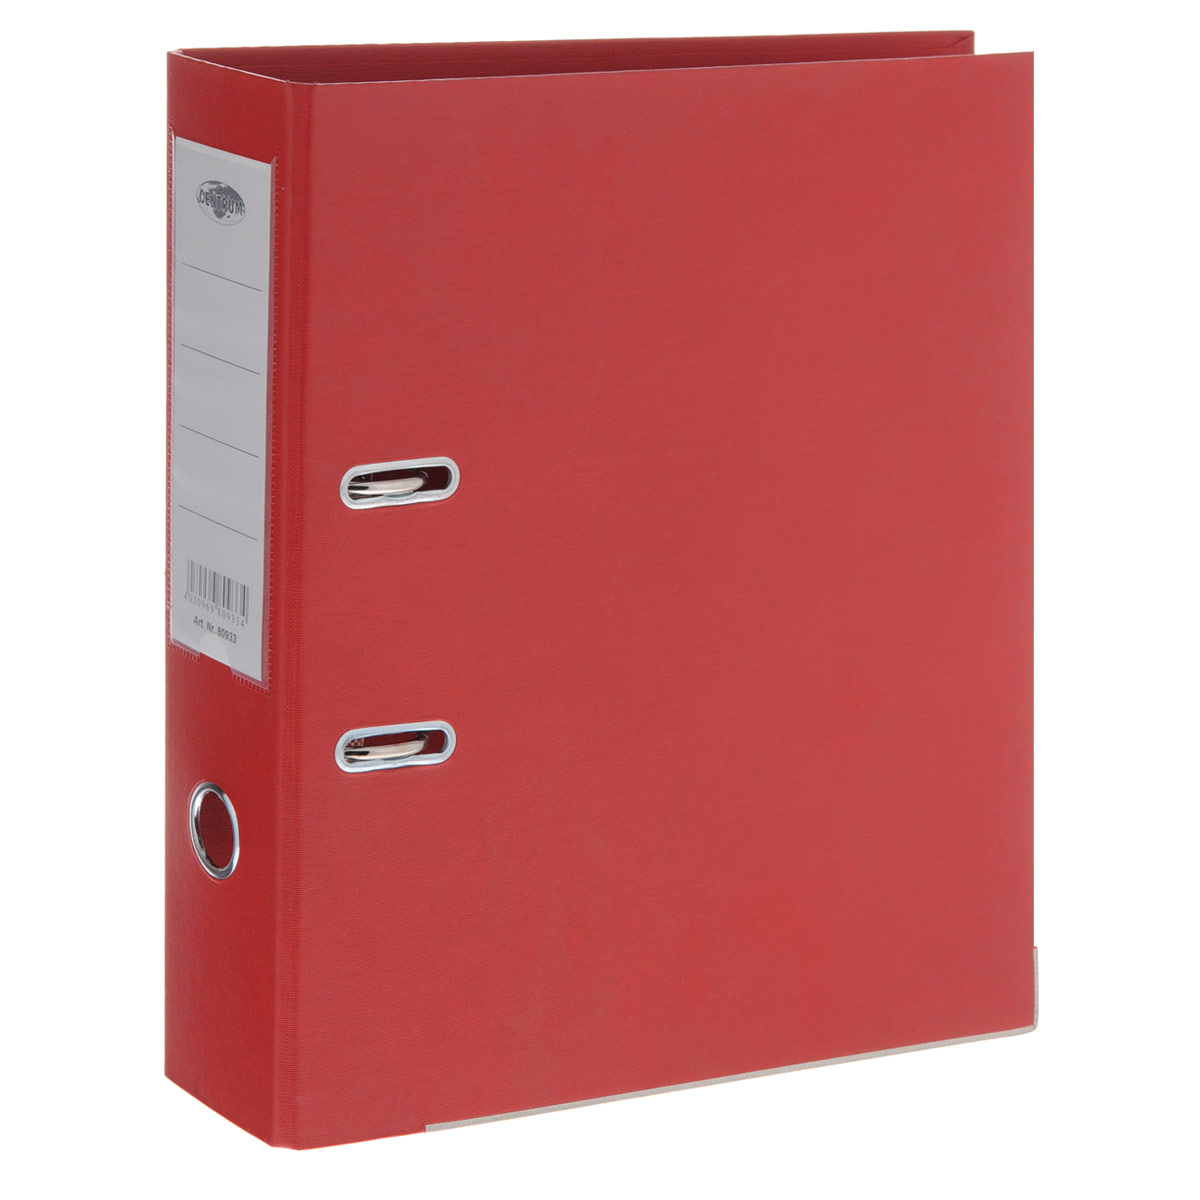 Папка-регистратор Centrum, ширина корешка 75 мм, цвет: красныйAC-1121RDПапка-регистратор Centrum пригодится в каждом офисе и доме для хранения больших объемов документов. Внешняя сторона папки выполнена из плотного картона с двусторонним ПВХ-покрытием, что обеспечивает устойчивость к влаге и износу. Нижняя кромка папки защищена от истирания металлической окантовкой. Папка-регистратор оснащена надежным арочным механизмом крепления бумаги. Круглое отверстие в корешке папки облегчит ее извлечение с полки, а прозрачный карман со съемной этикеткой позволяет маркировать содержимое. Ширина корешка 7,5 см.